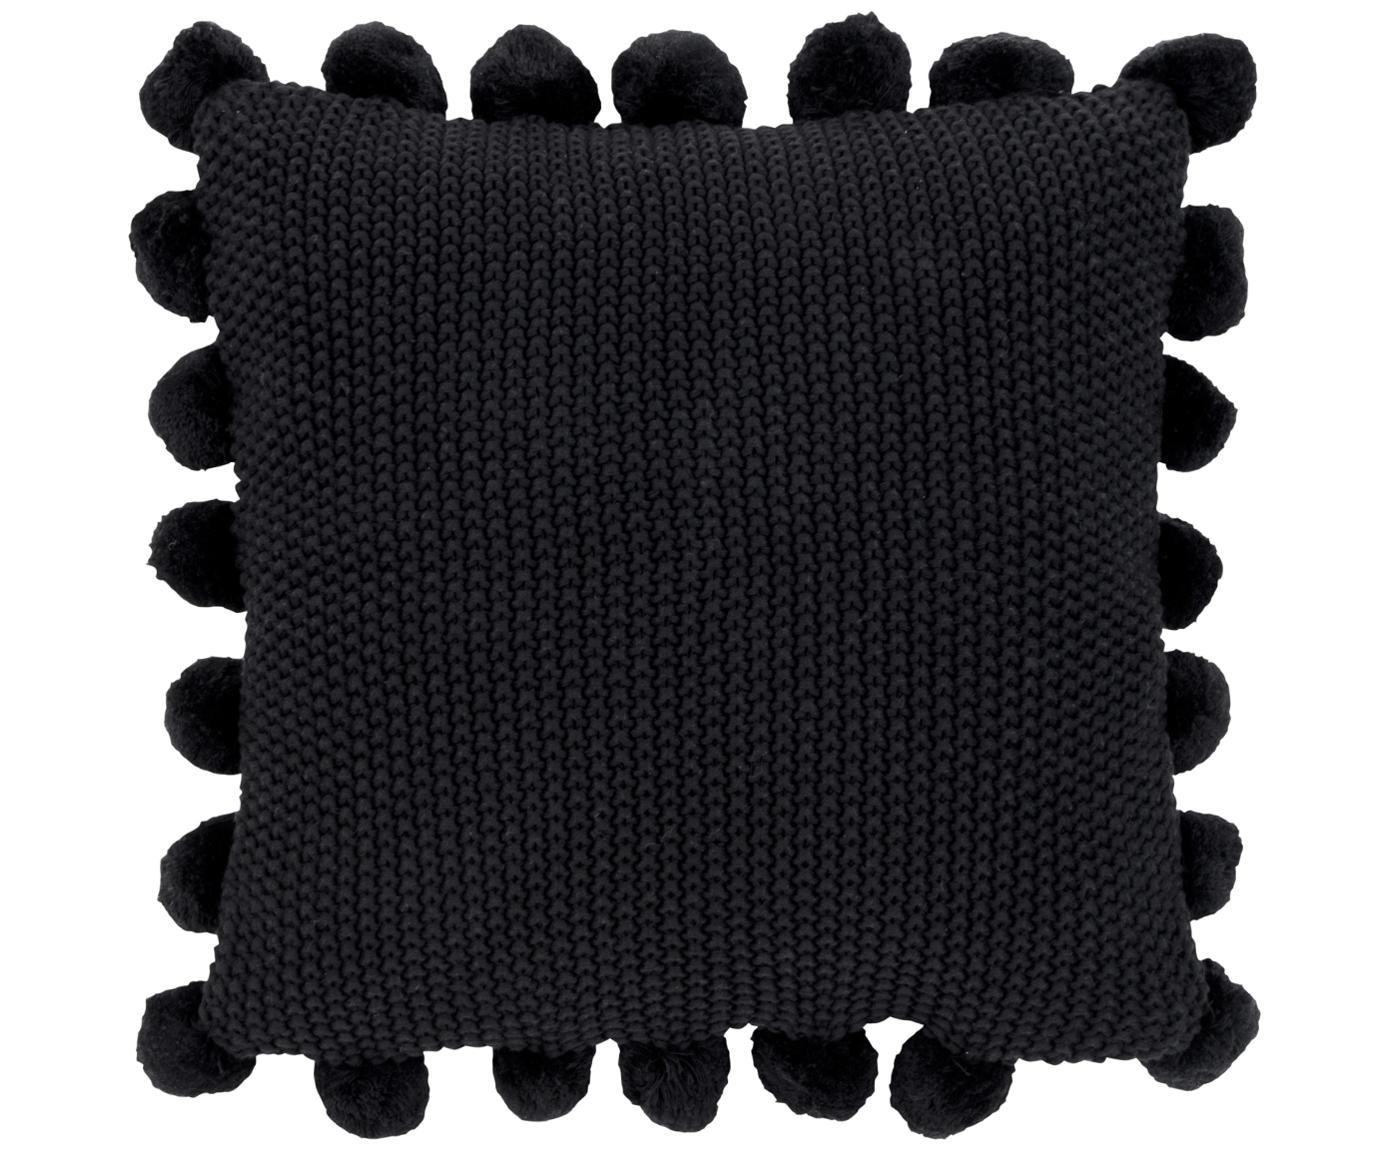 Gebreide kussenhoes Molly, 100% katoen, Zwart, 40 x 40 cm